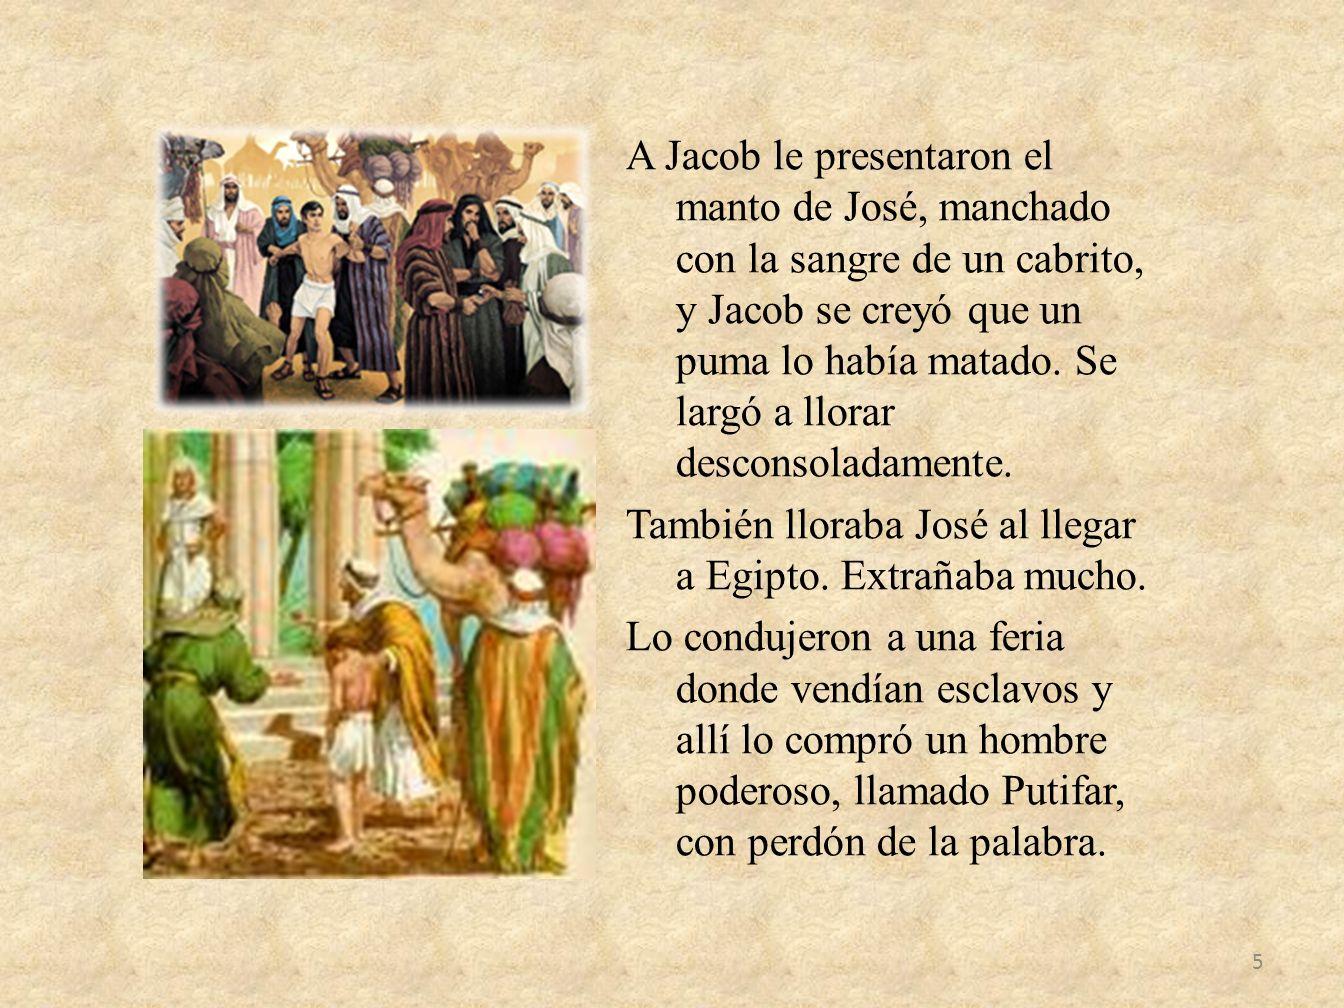 A Jacob le presentaron el manto de José, manchado con la sangre de un cabrito, y Jacob se creyó que un puma lo había matado.